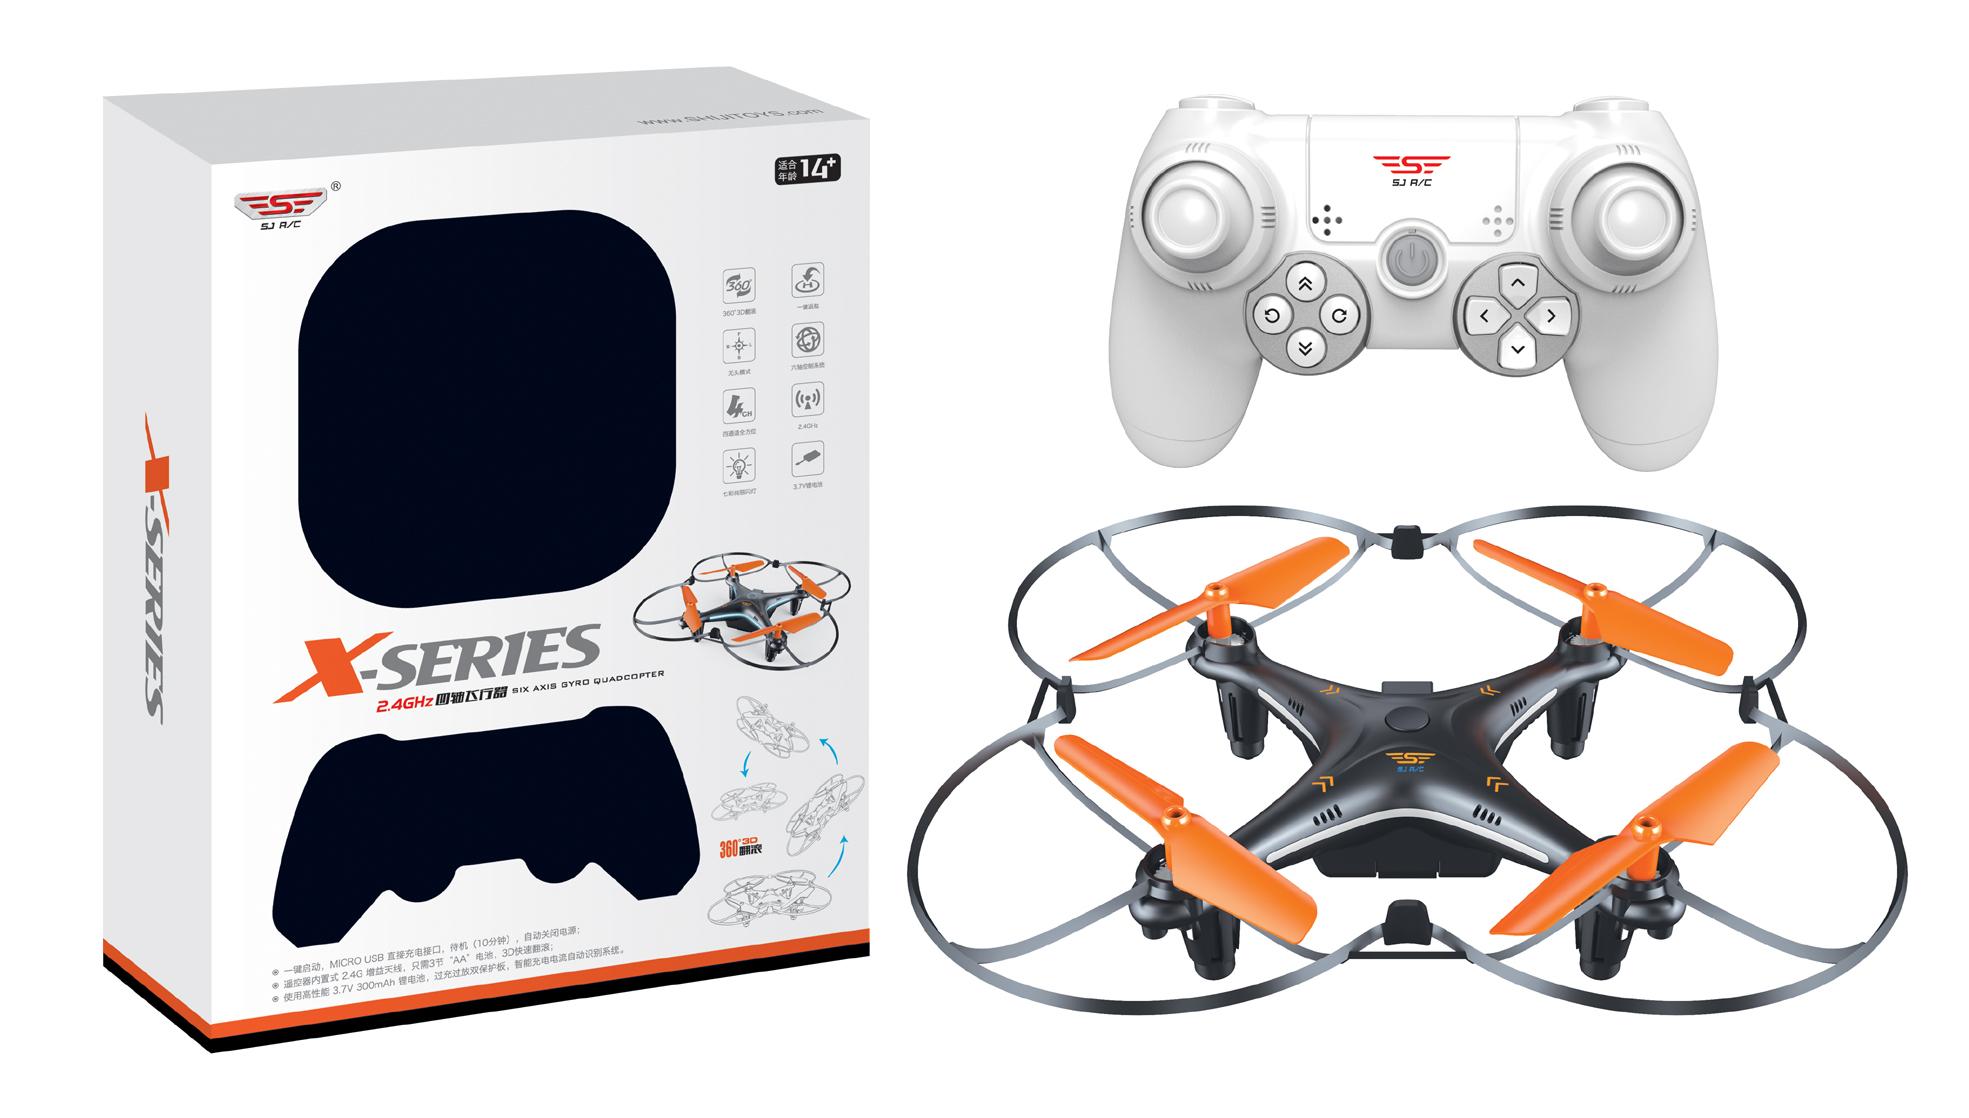 [手牵手玩具店电动,亚博备用网址飞机]世季X200-1小型四轴飞行器充电2月销量1件仅售198元